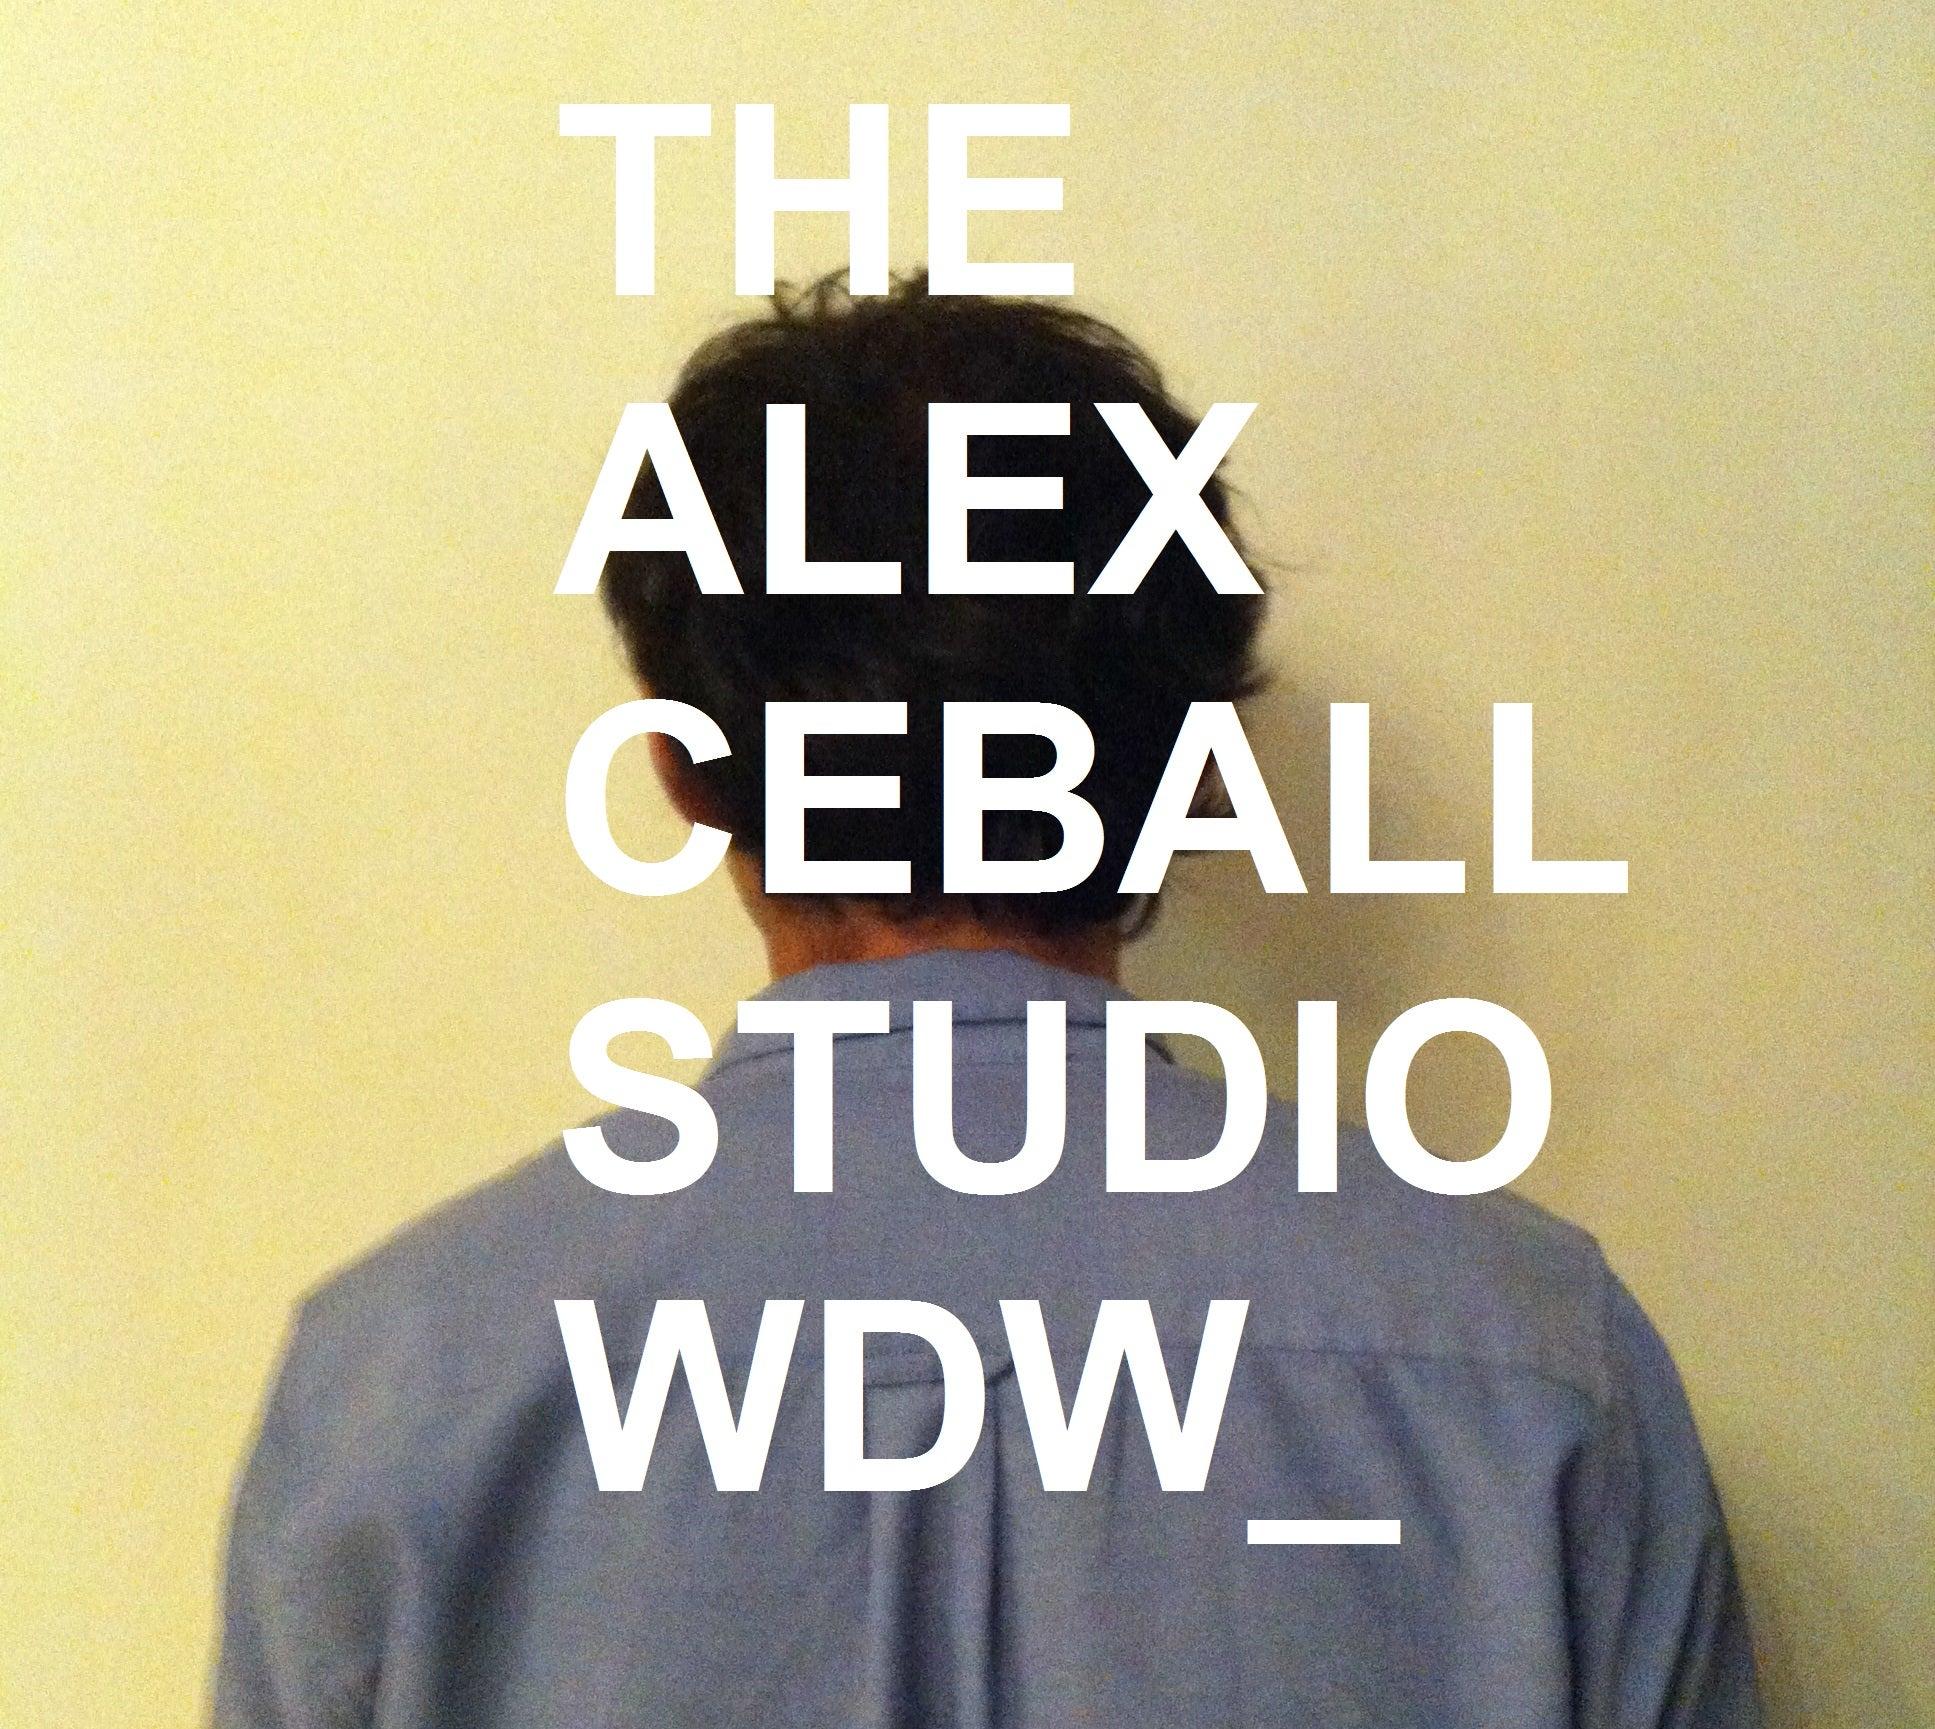 THE ALEX CEBALL SHOP